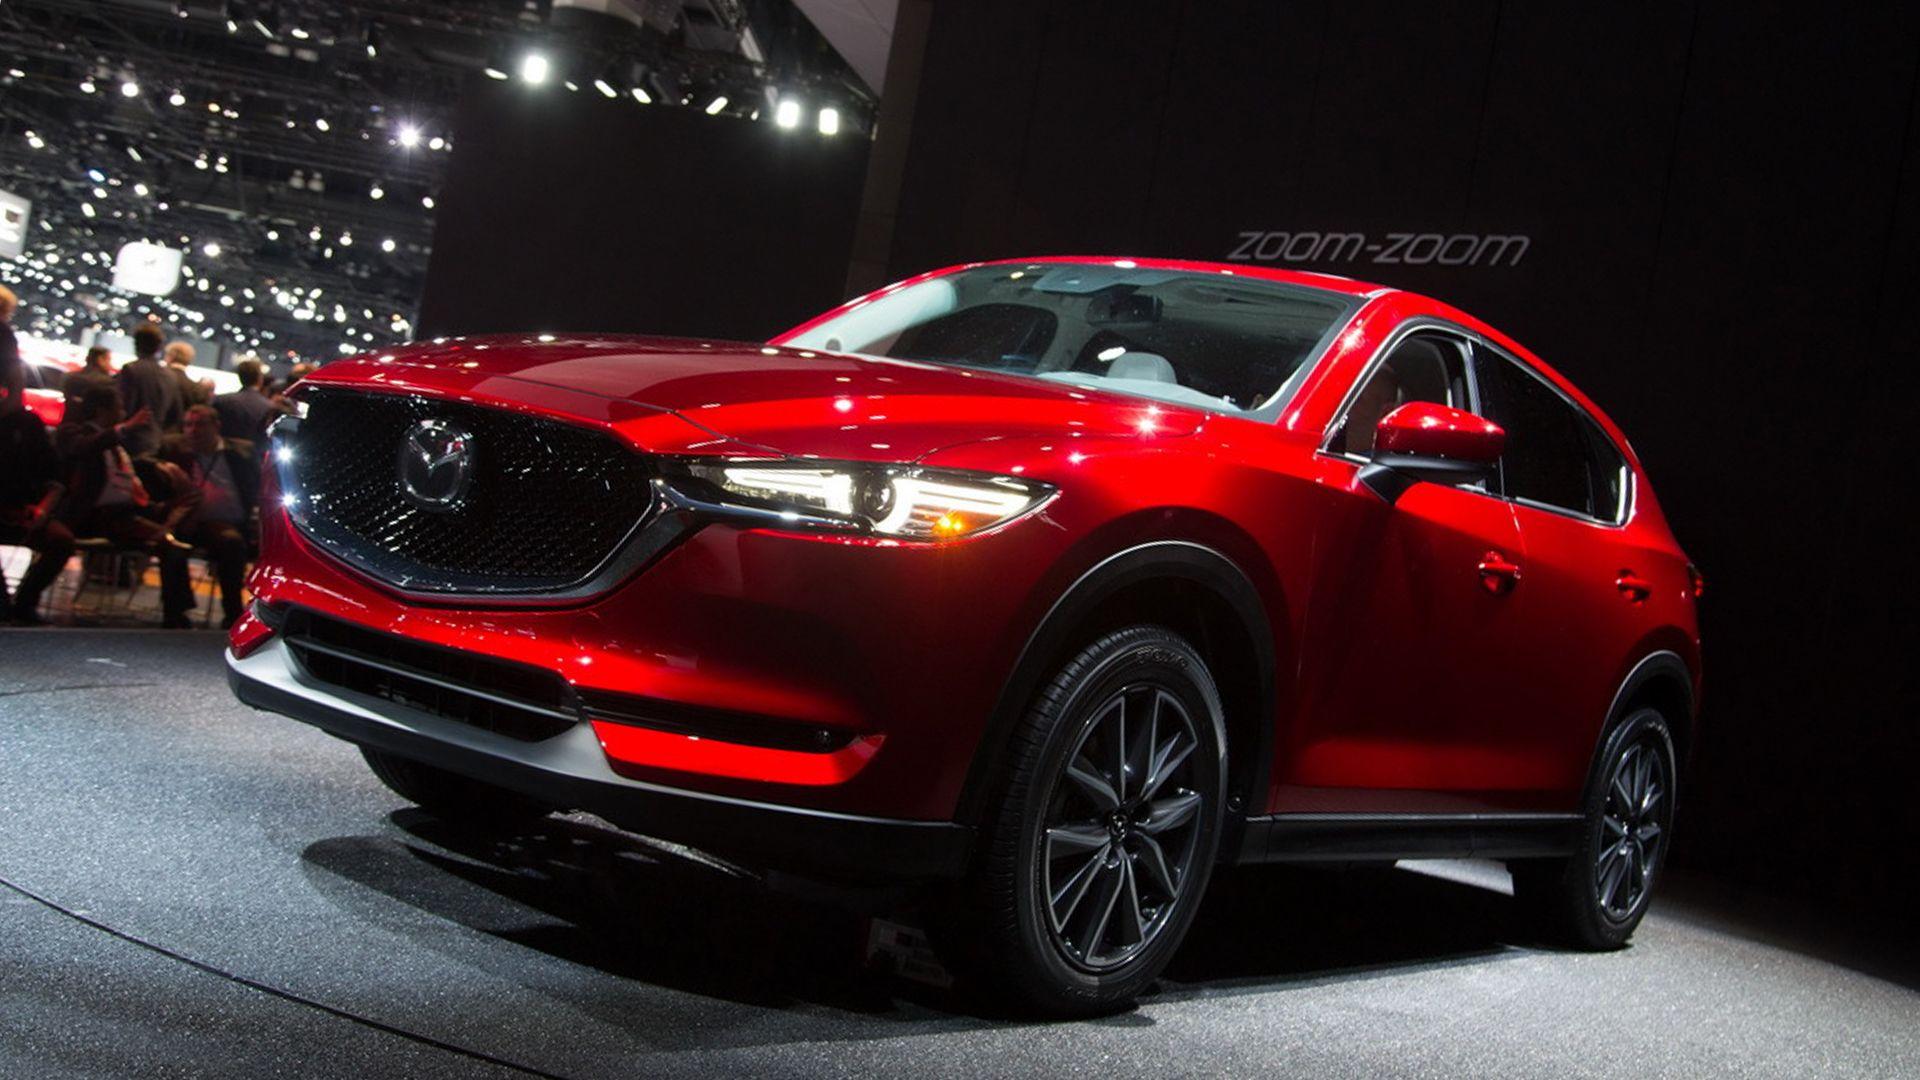 2019 Mazda 5 Specs Features